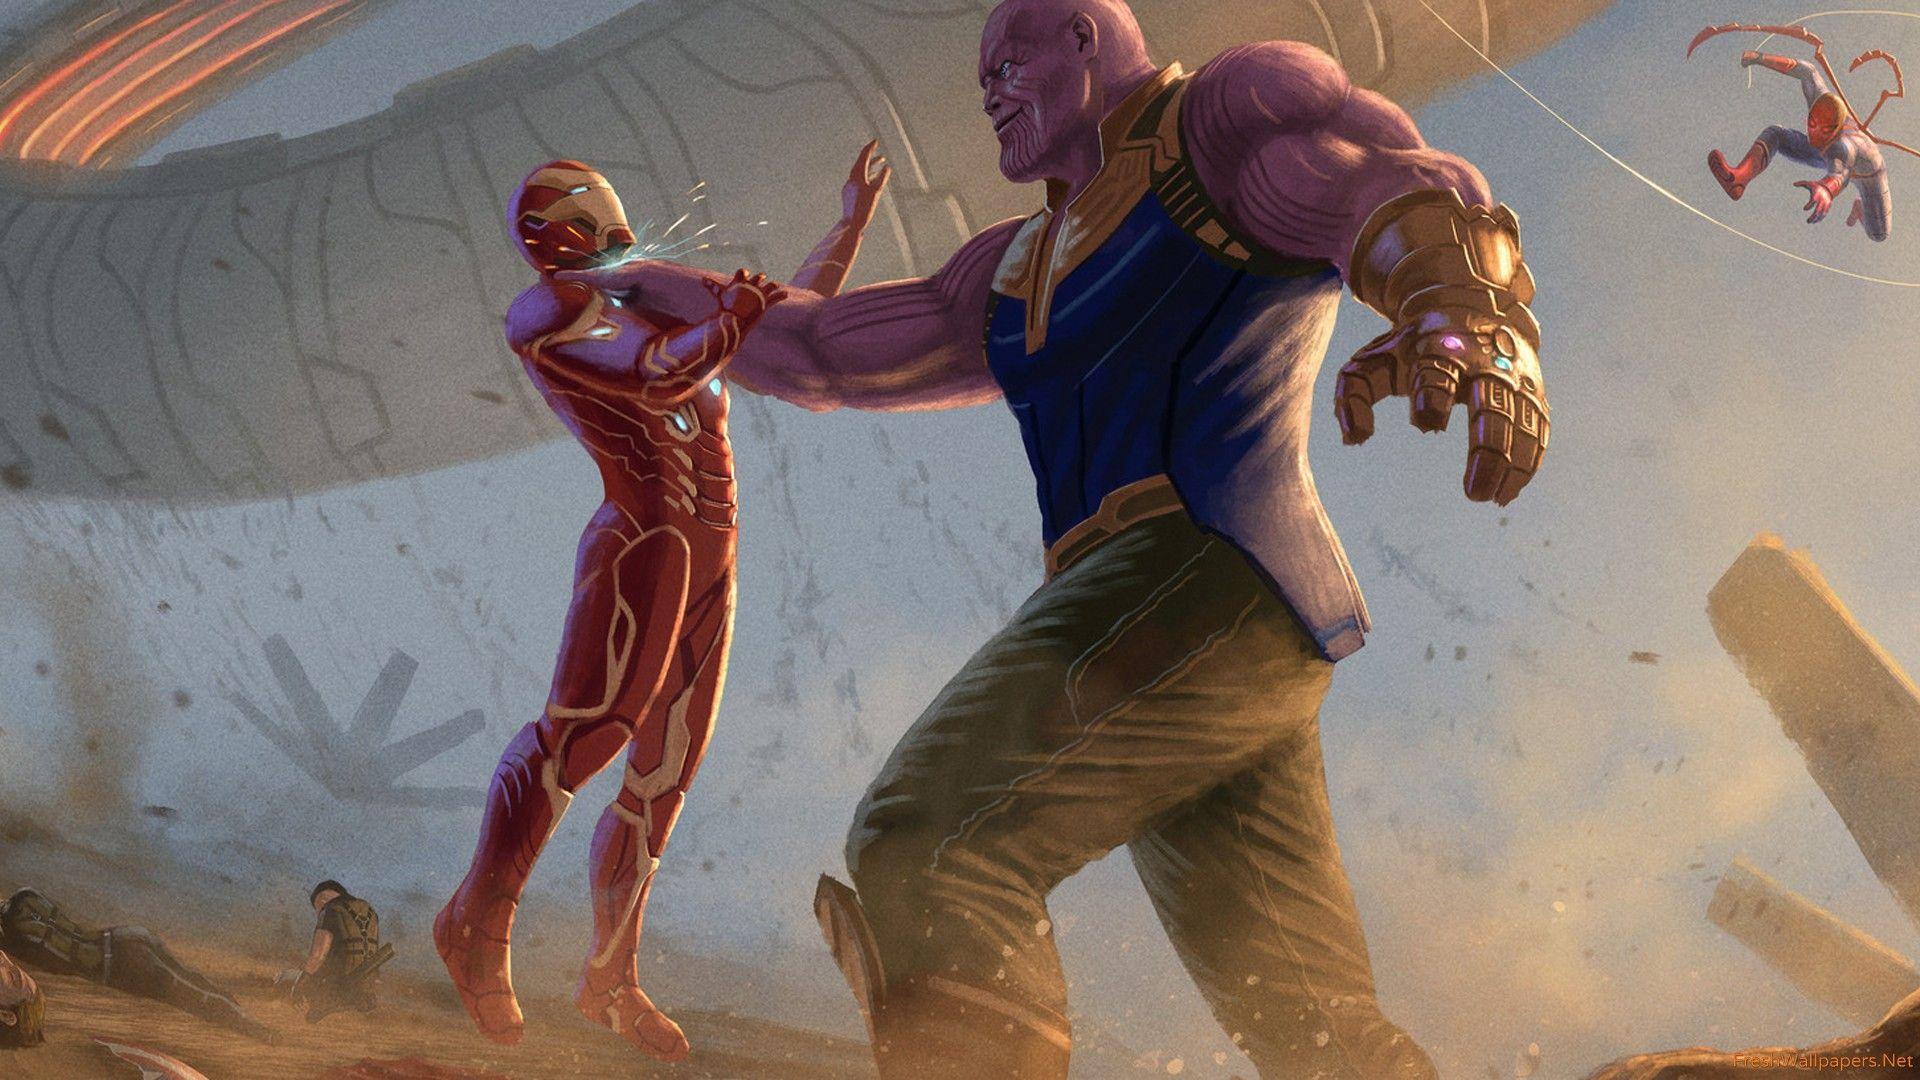 18 Iron Man Infinity War 4k Wallpapers On Wallpapersafari